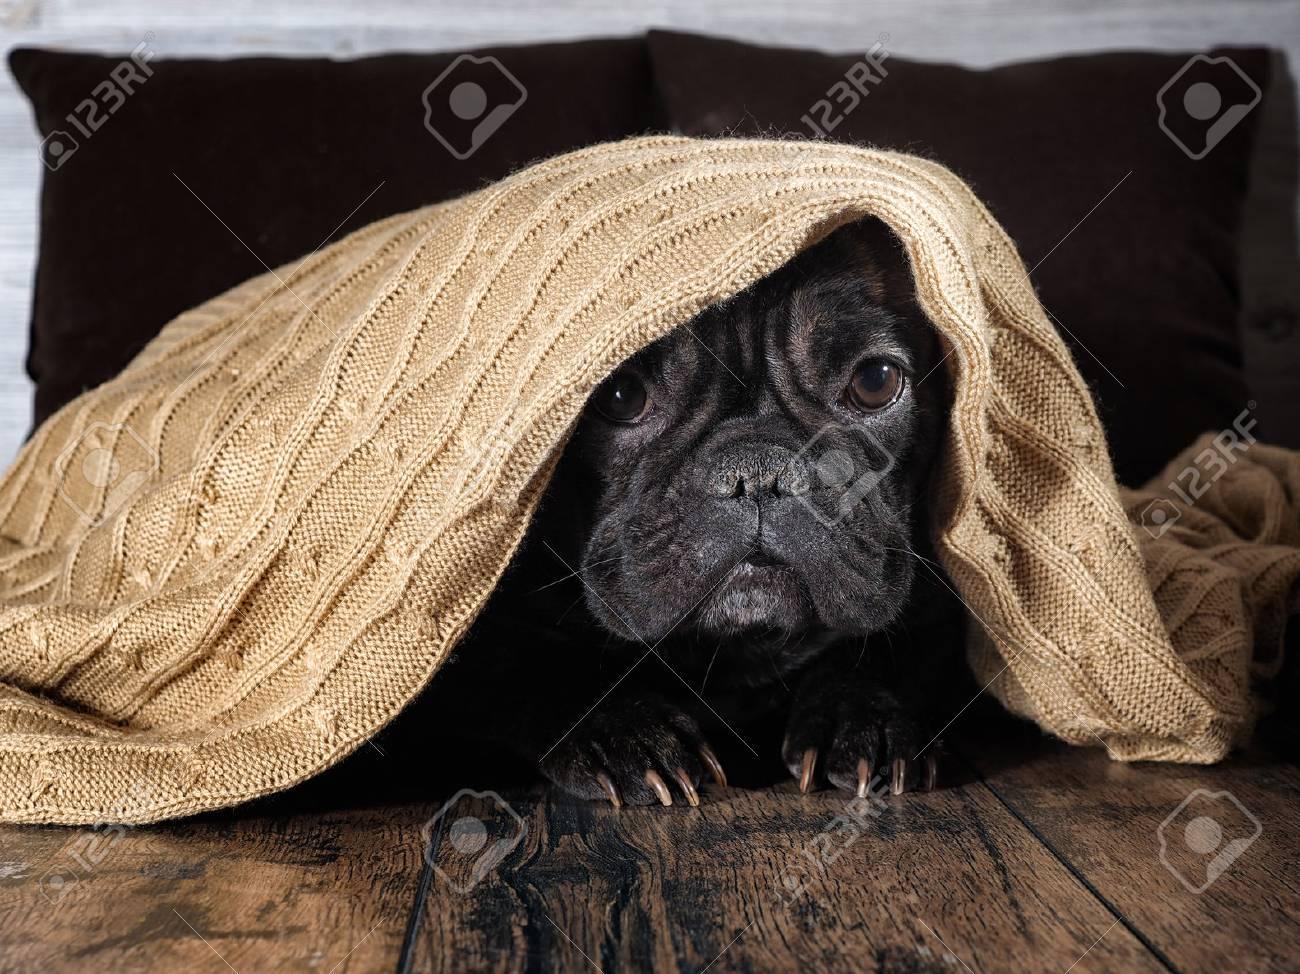 Amazing dog face. Bulldog funny hid under a warm blanket - 88238153